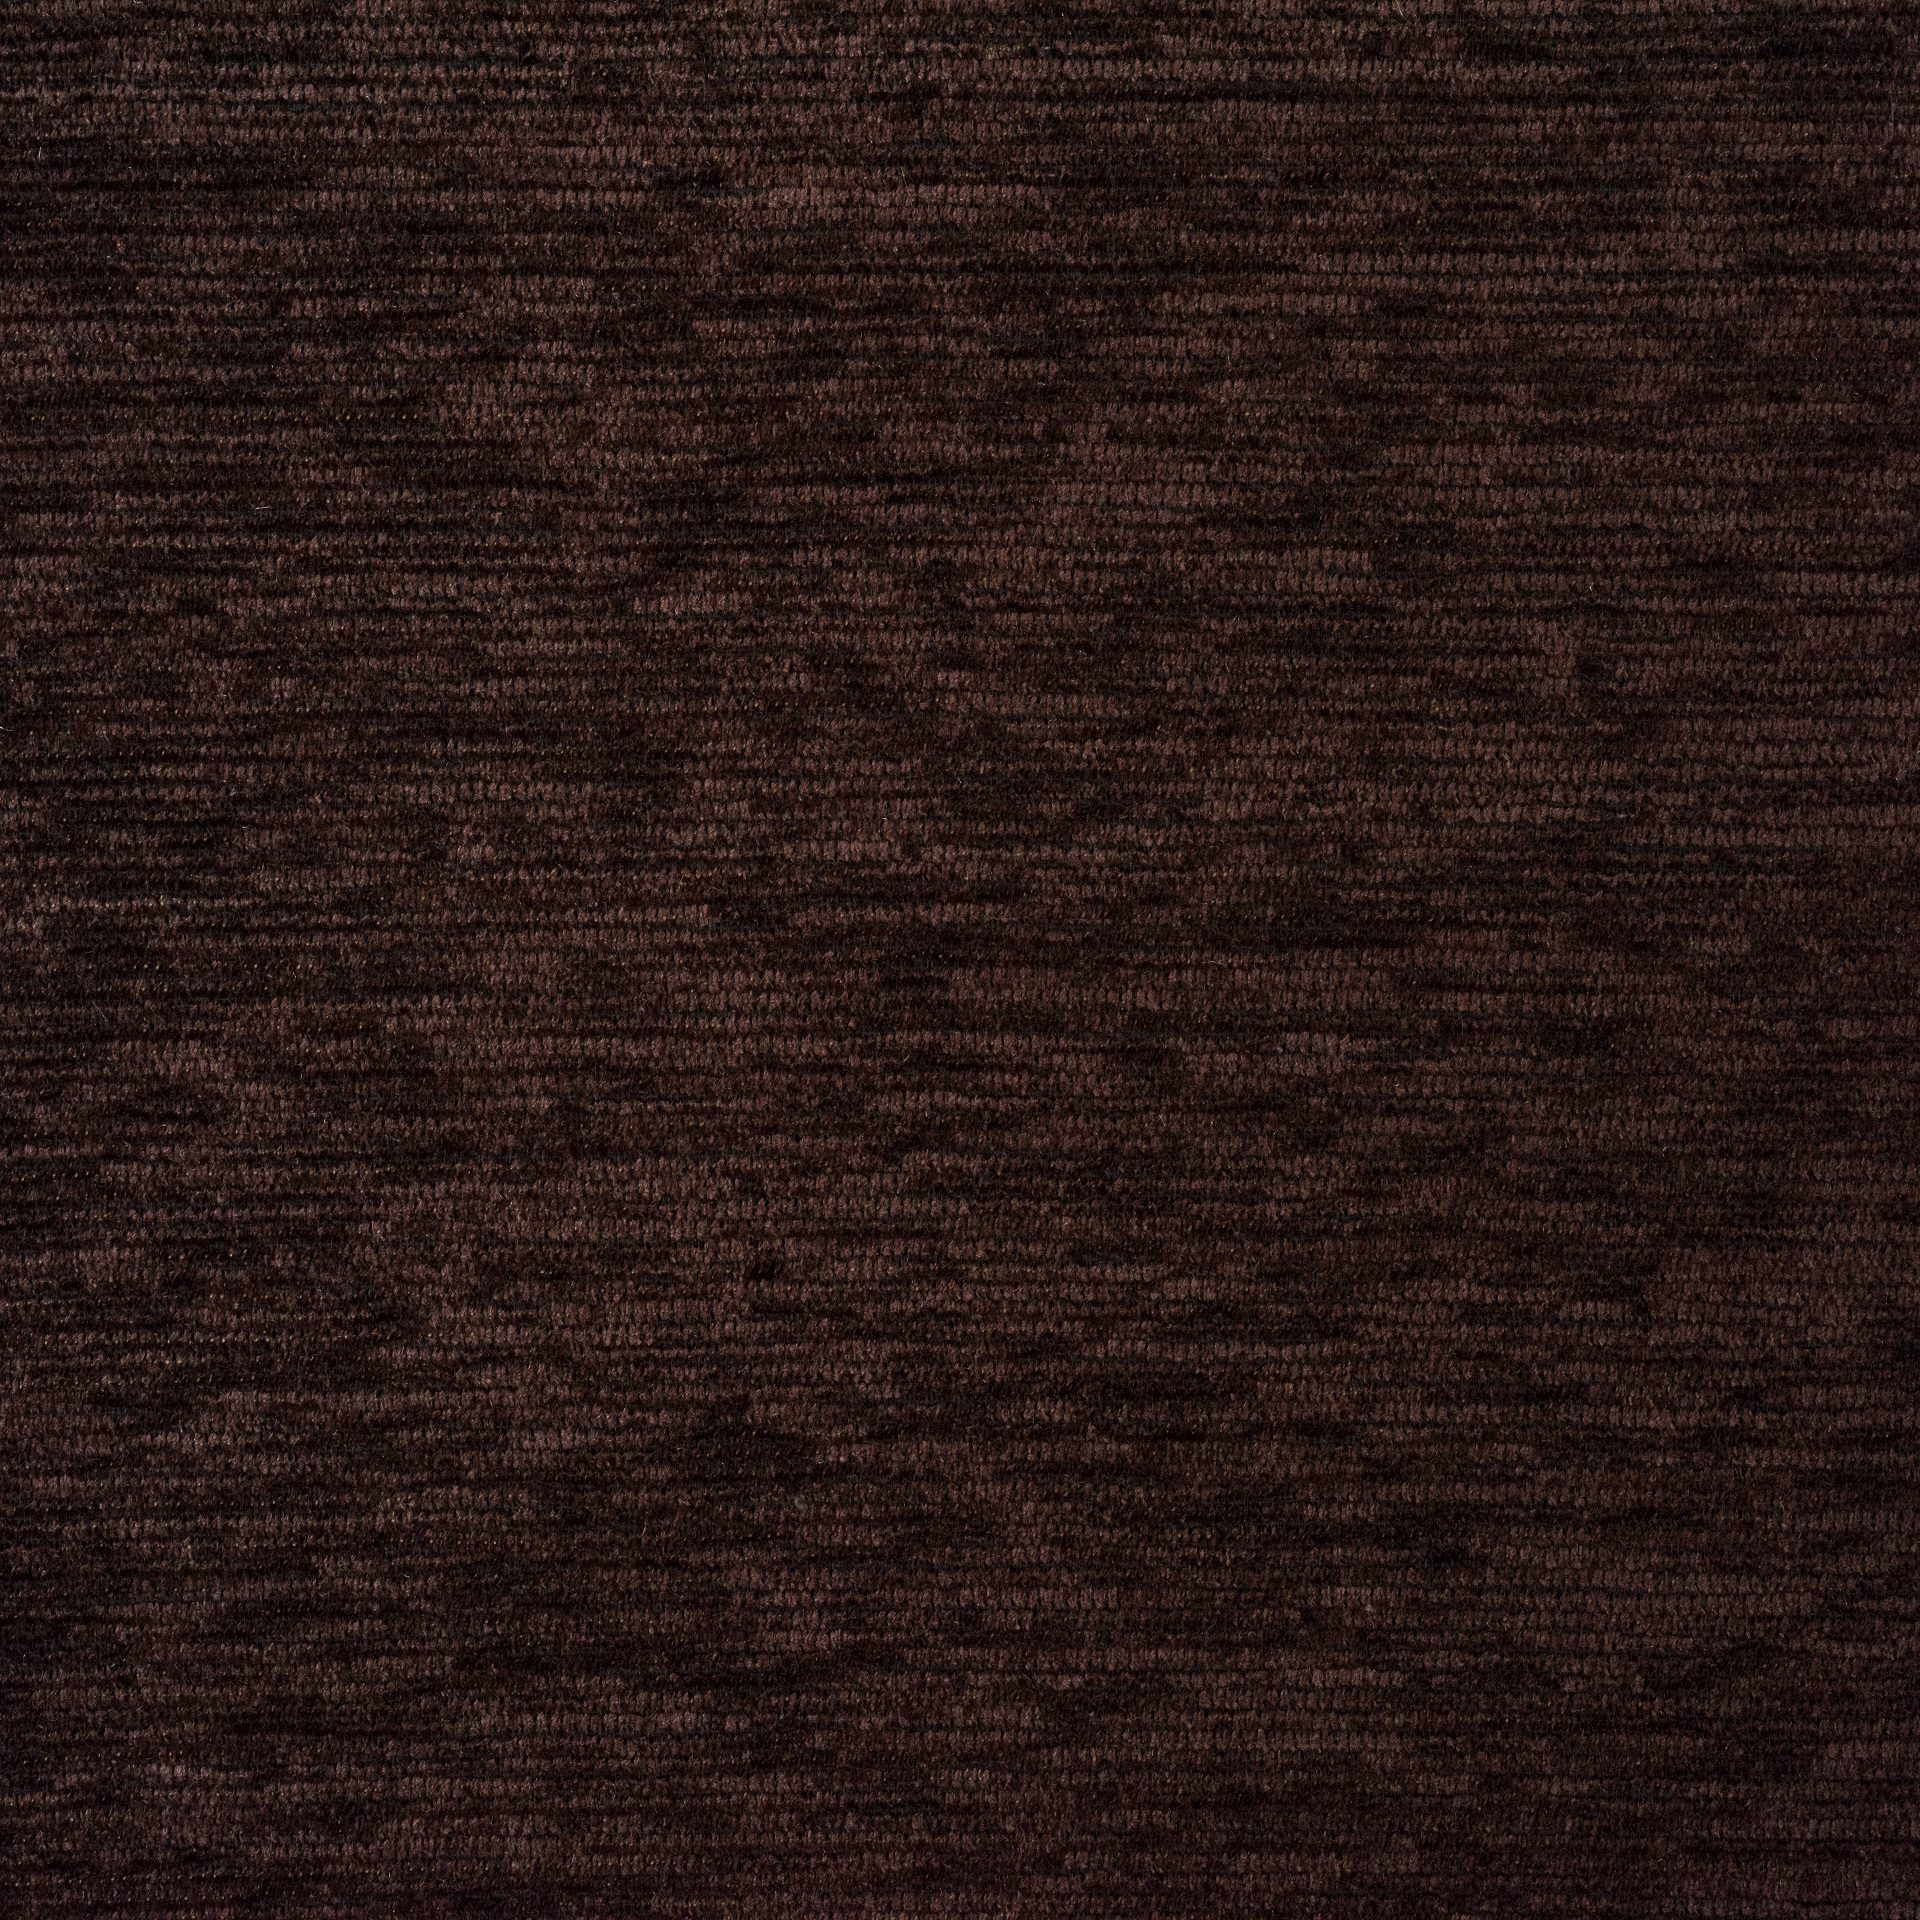 Коллекция ткани Бостон комбин CHOCOLATE,  купить ткань Шенилл для мебели Украина